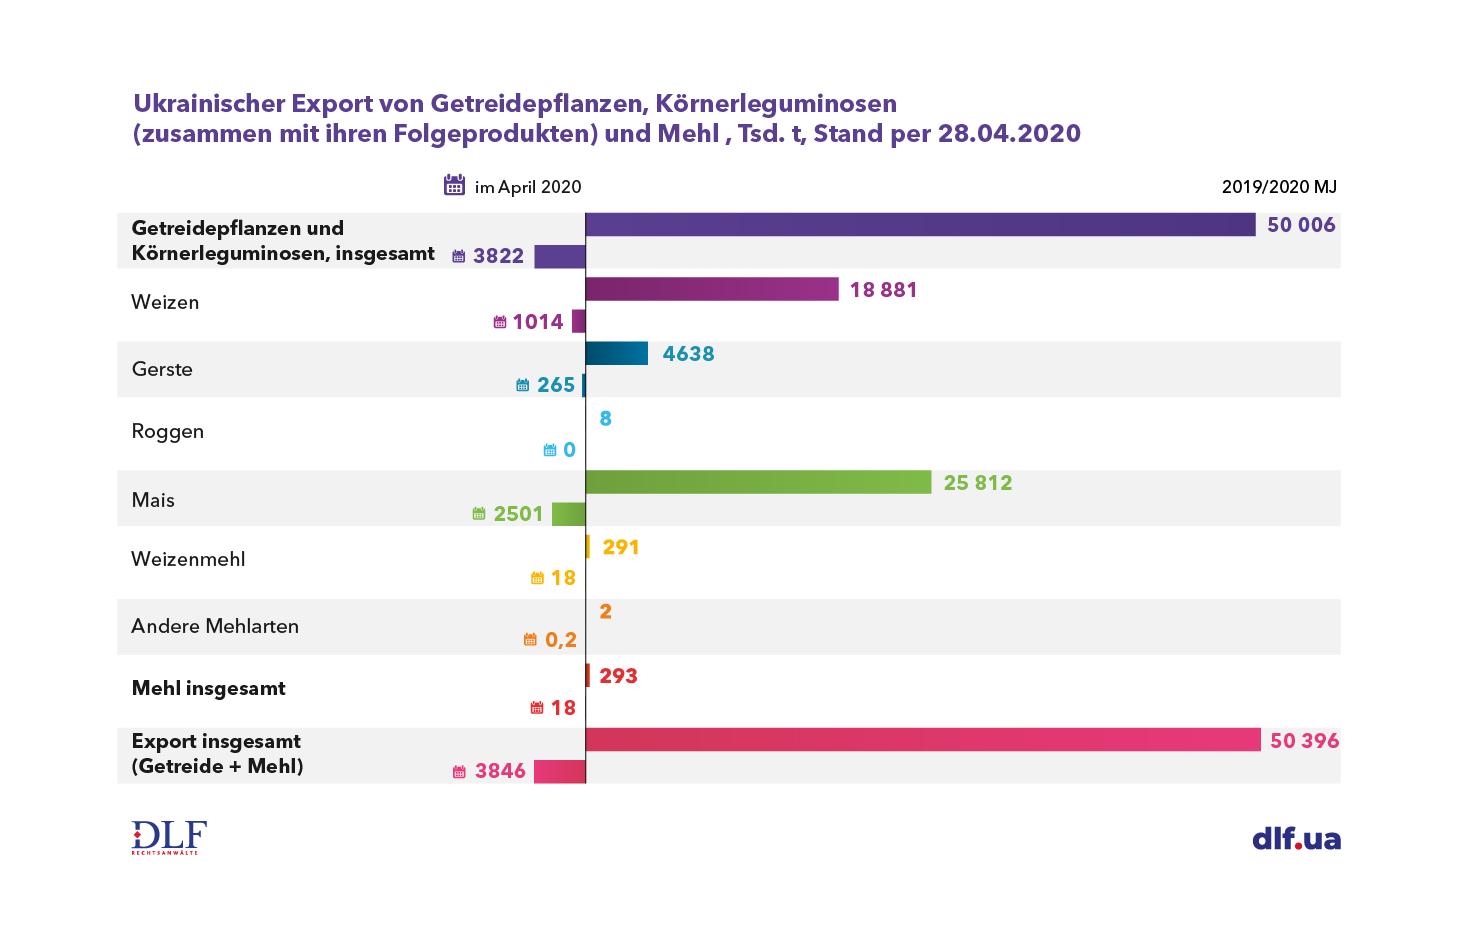 Landwirtschaft Ukraine - DLF Rechtsanwaelte - Ukrainischer Export von Getreidepflanzen, Körnerleguminosen und Mehl im Marketingjahr 2019-2020 Tabelle